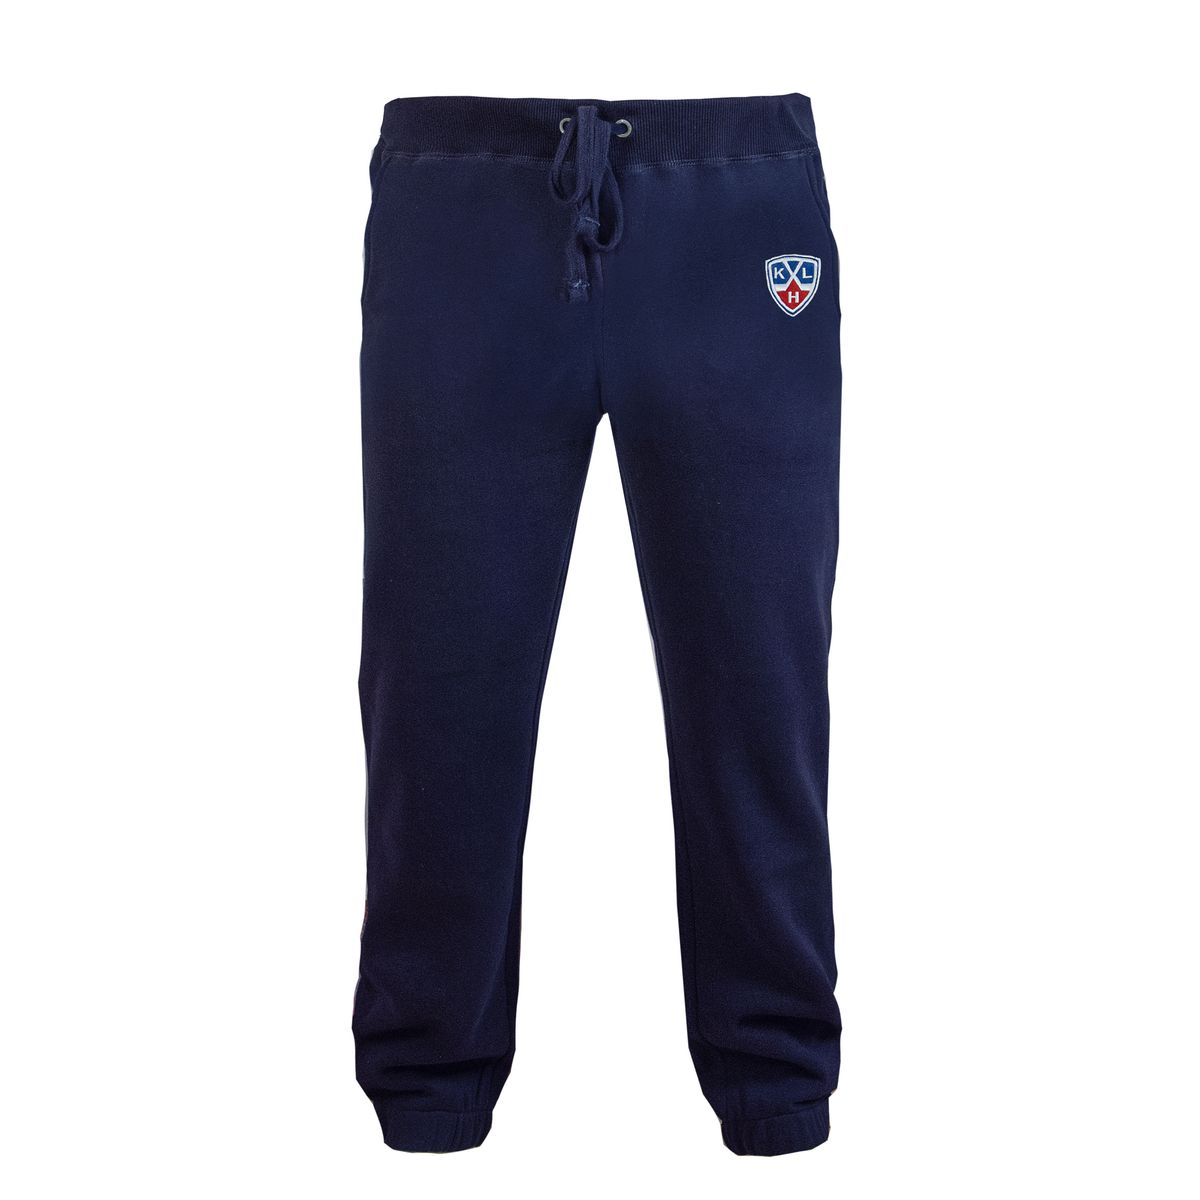 Брюки спортивные детские КХЛ, цвет: темно-синий. 322020. Размер 40322020Спортивные брюки КХЛ с символикой клуба. Изготовлены из плотного трикотажа с мягкой ворсистой внутренней стороной. Дополнены двумя боковыми карманами и вышивкой.